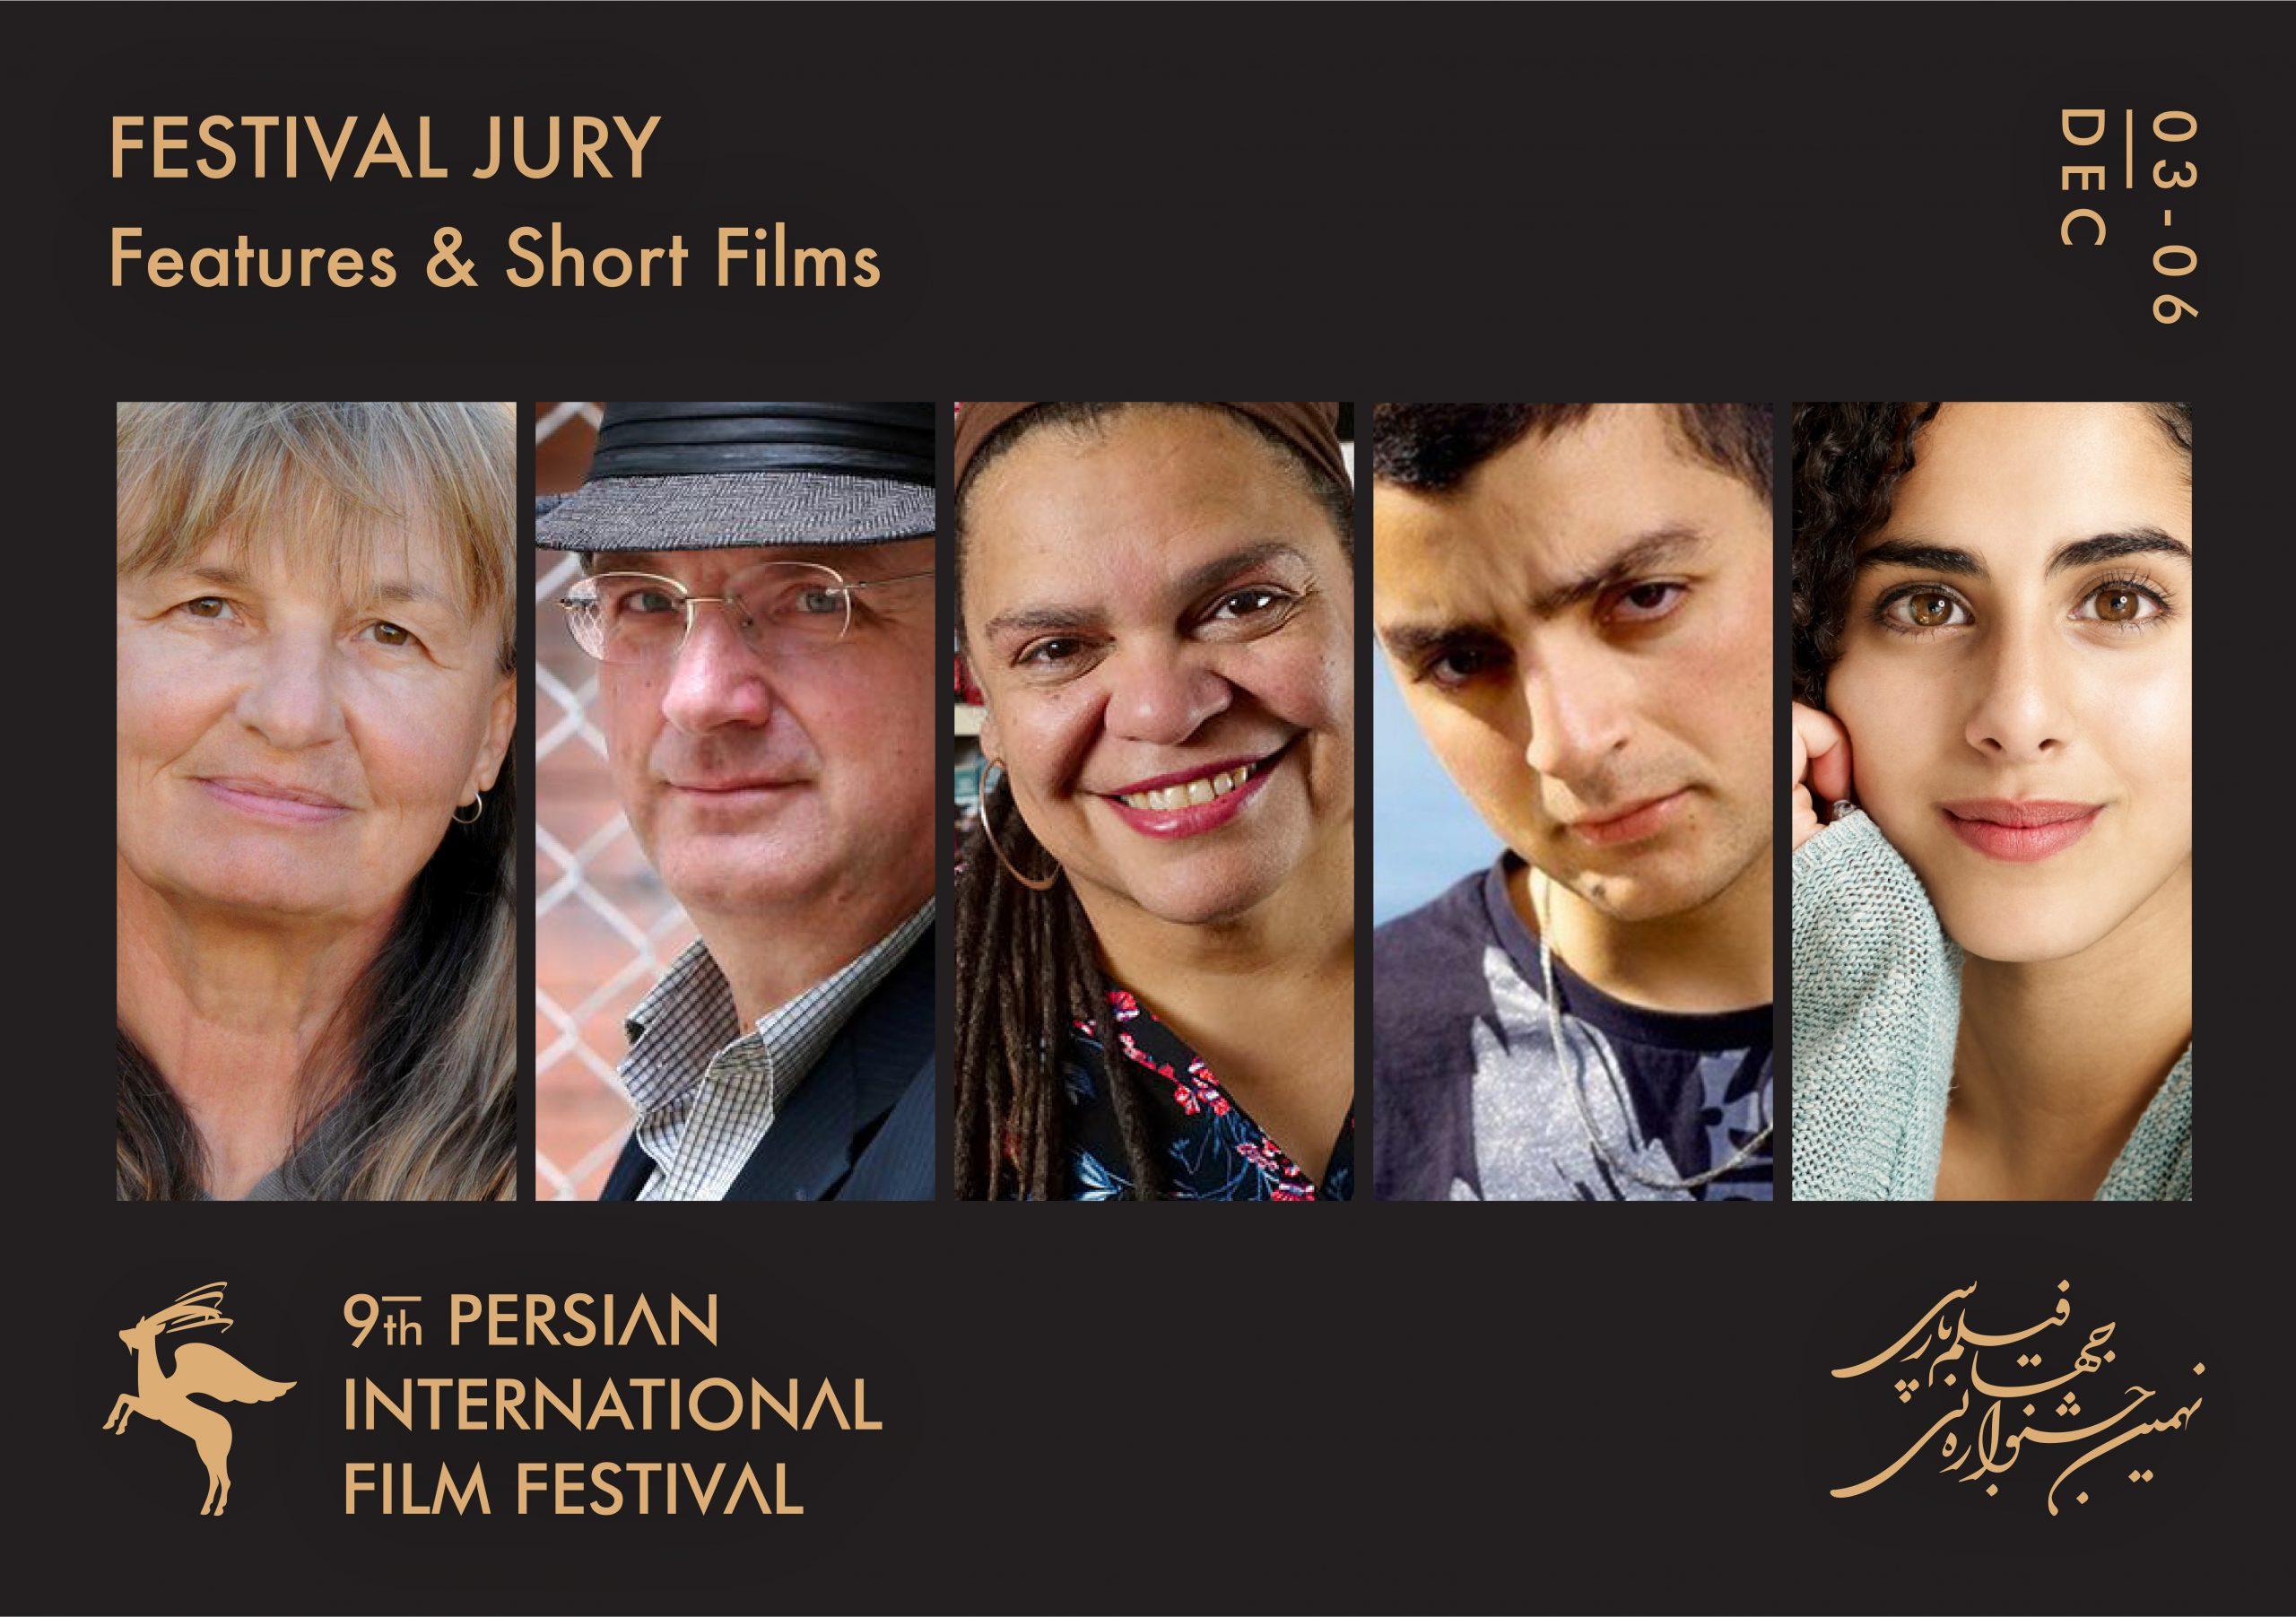 داوران نهمین جشنواره جهانی فیلم پارسی معرفی شدند